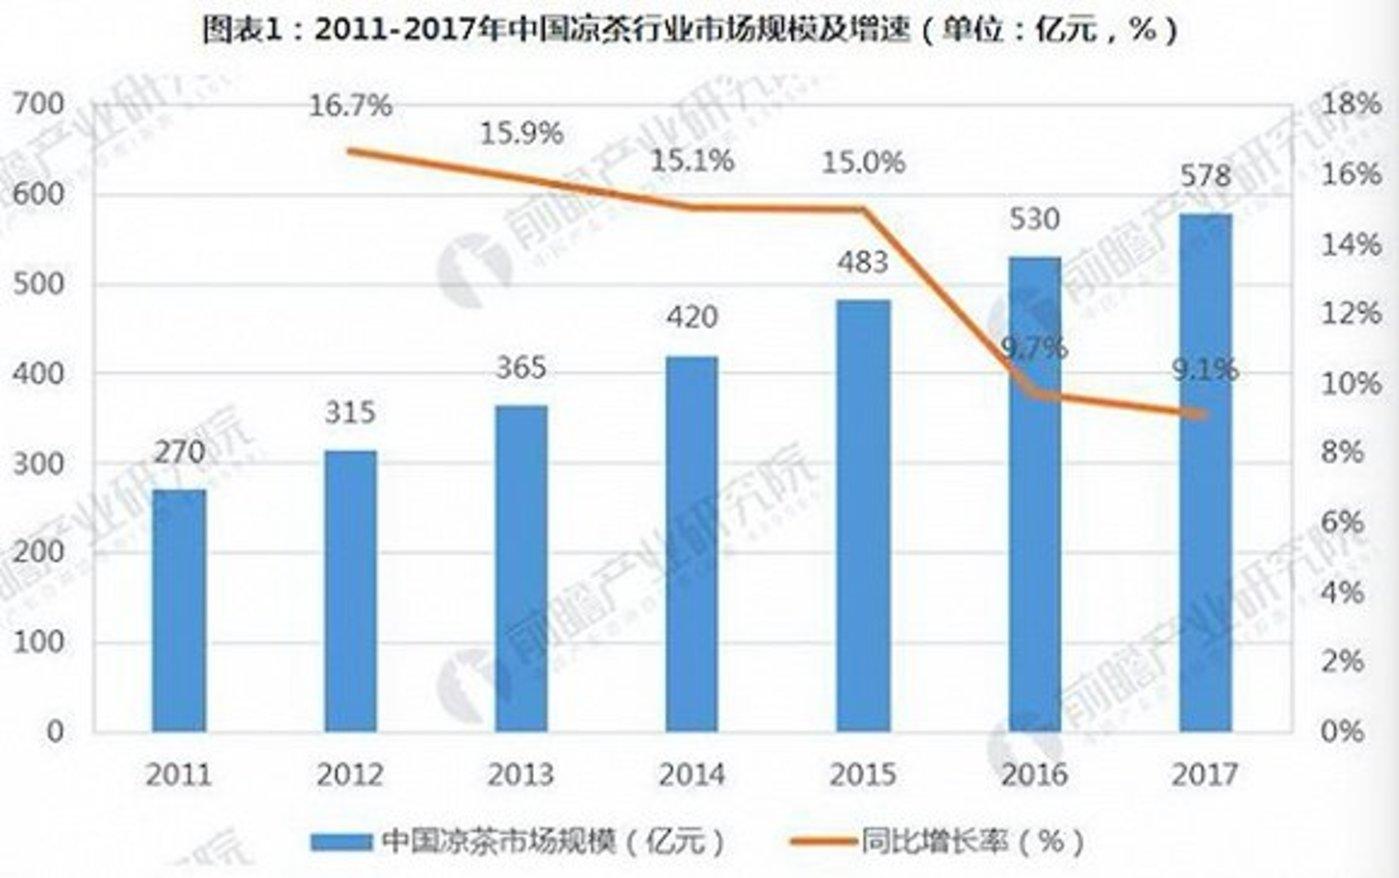 中国凉茶市场规模走势图。图片来源:前瞻产业研究院